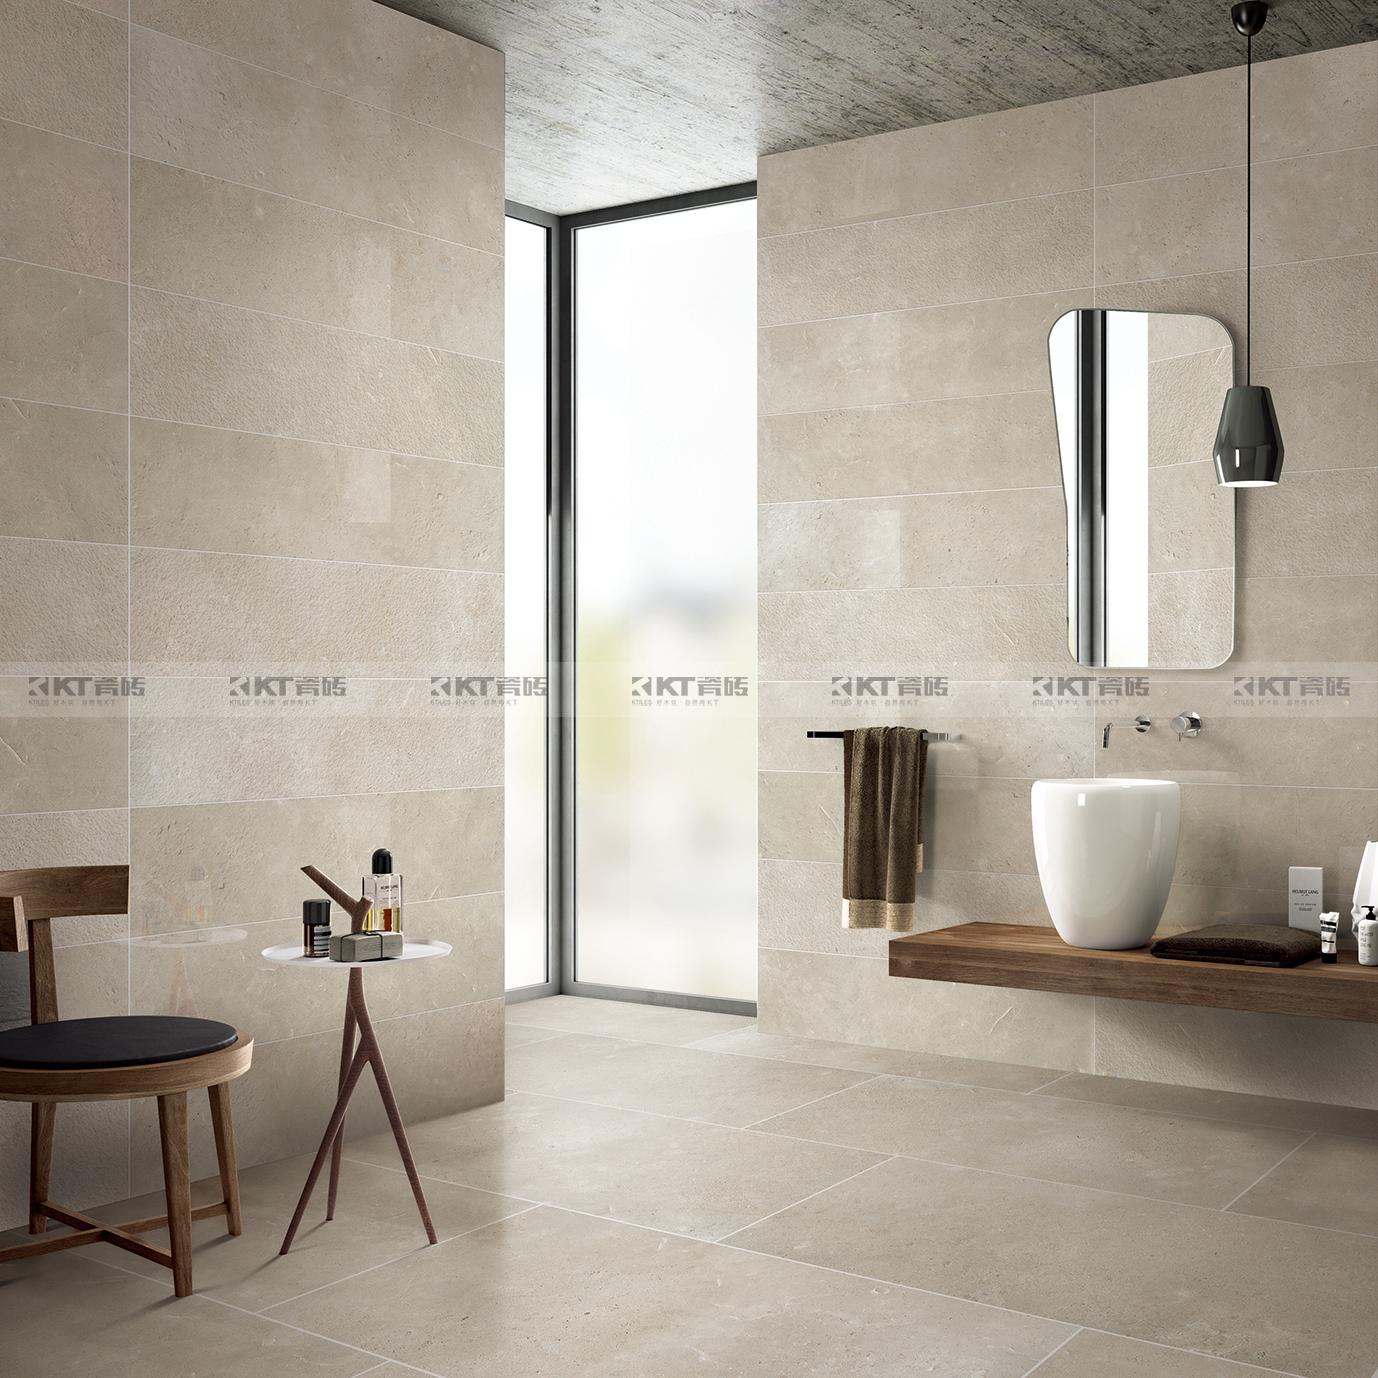 卫生间干湿分离功能,与颜值同样重要!